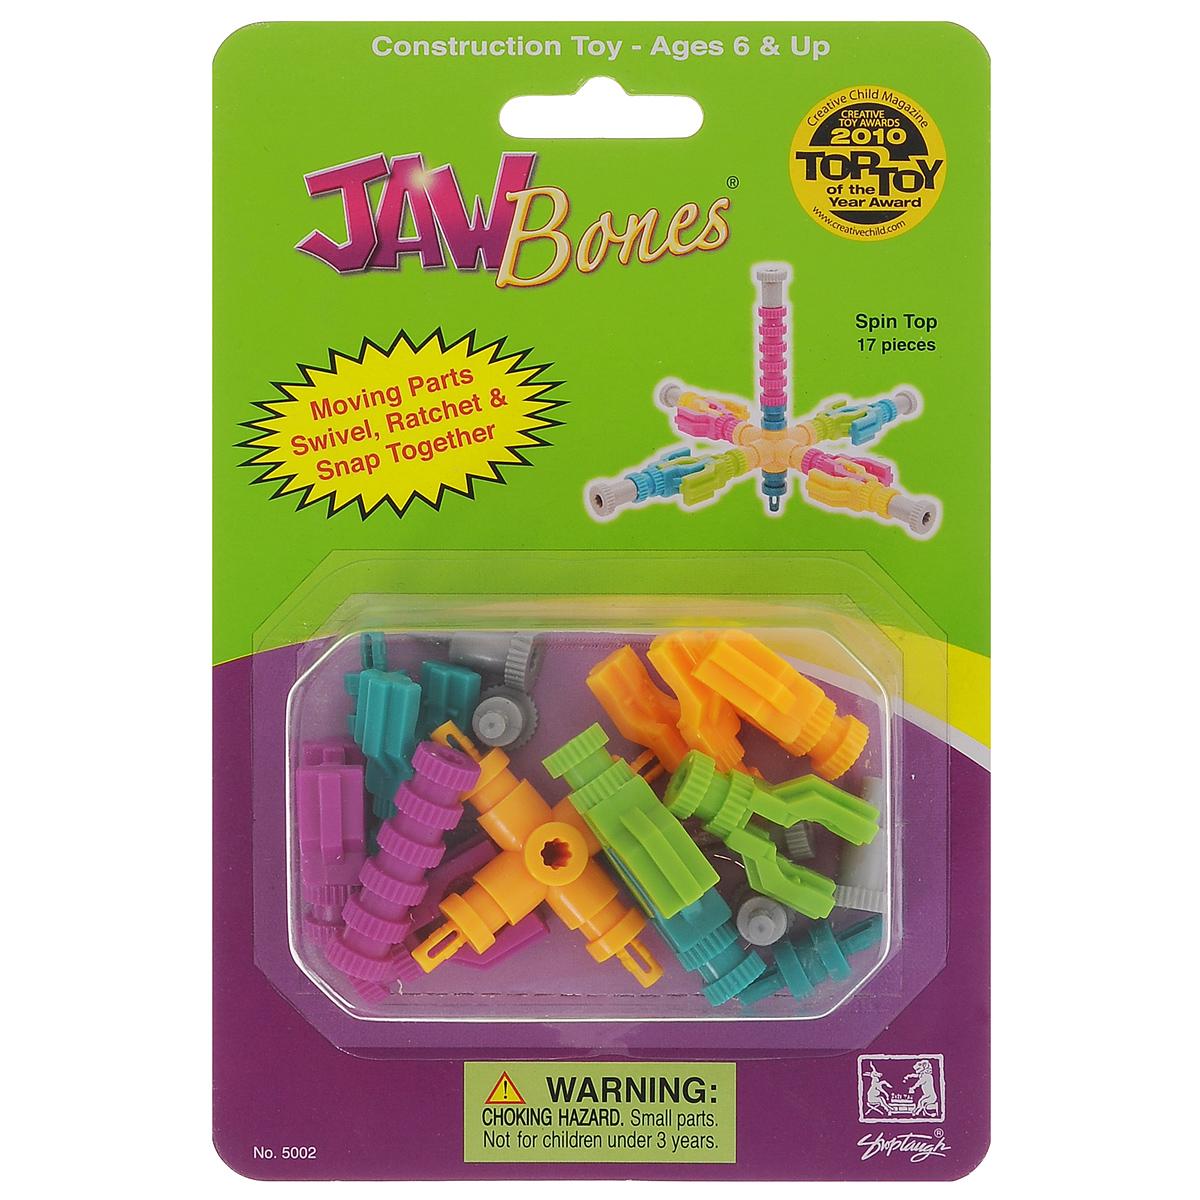 цены на Jawbones Конструктор Юла в интернет-магазинах